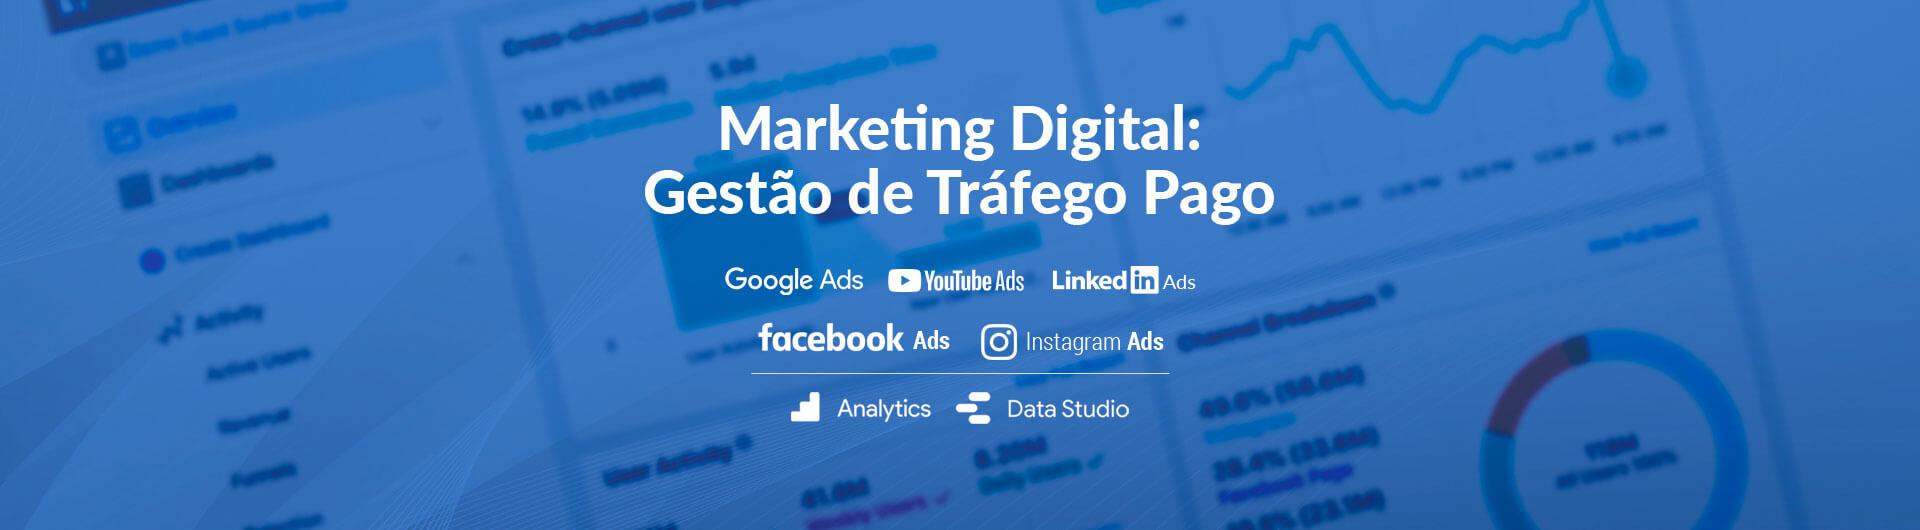 Marketing Digital: Gestão de Tráfego Pago